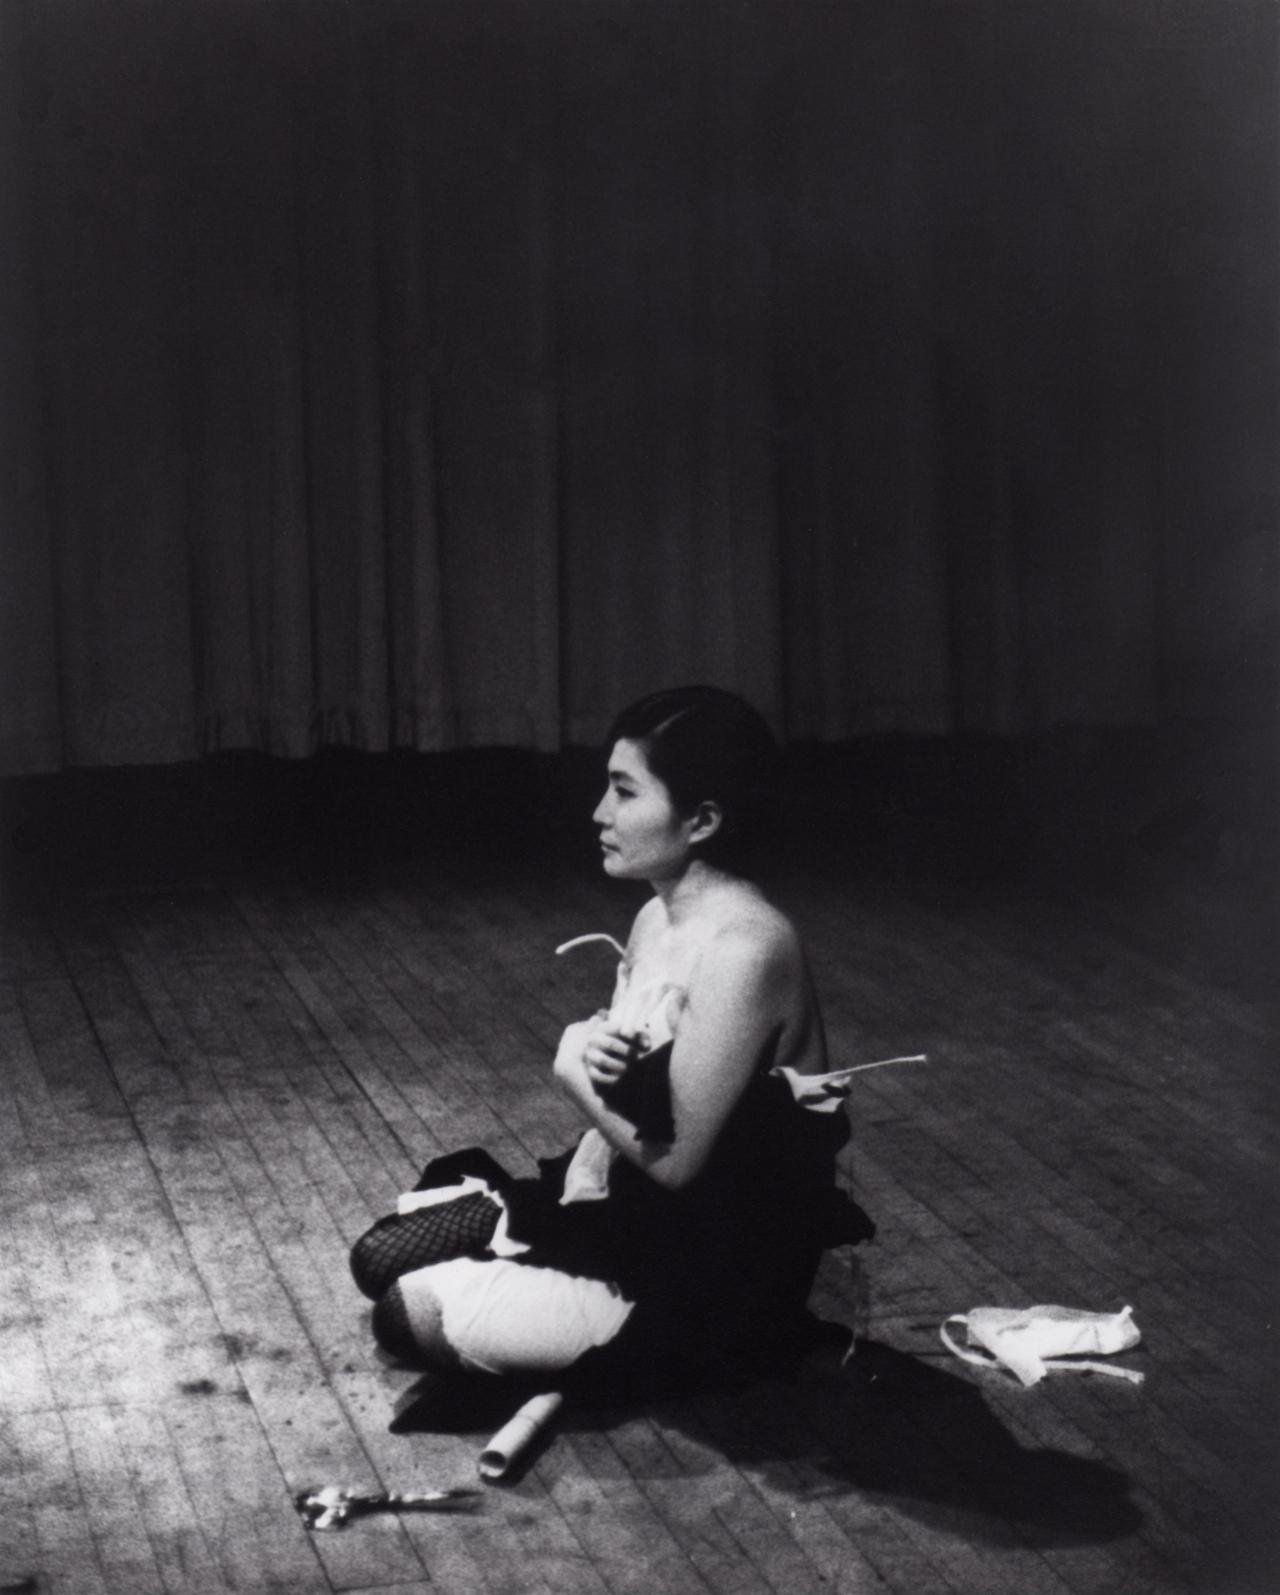 Cut Piece (1964) performed by Yoko Ono in New Works of Yoko Ono, Carnegie Recital Hall, New York, March 21, 1965. Photograph by Minoru Niizuma. © Minoru Niizuma. Courtesy Lenono Photo Archive, New York